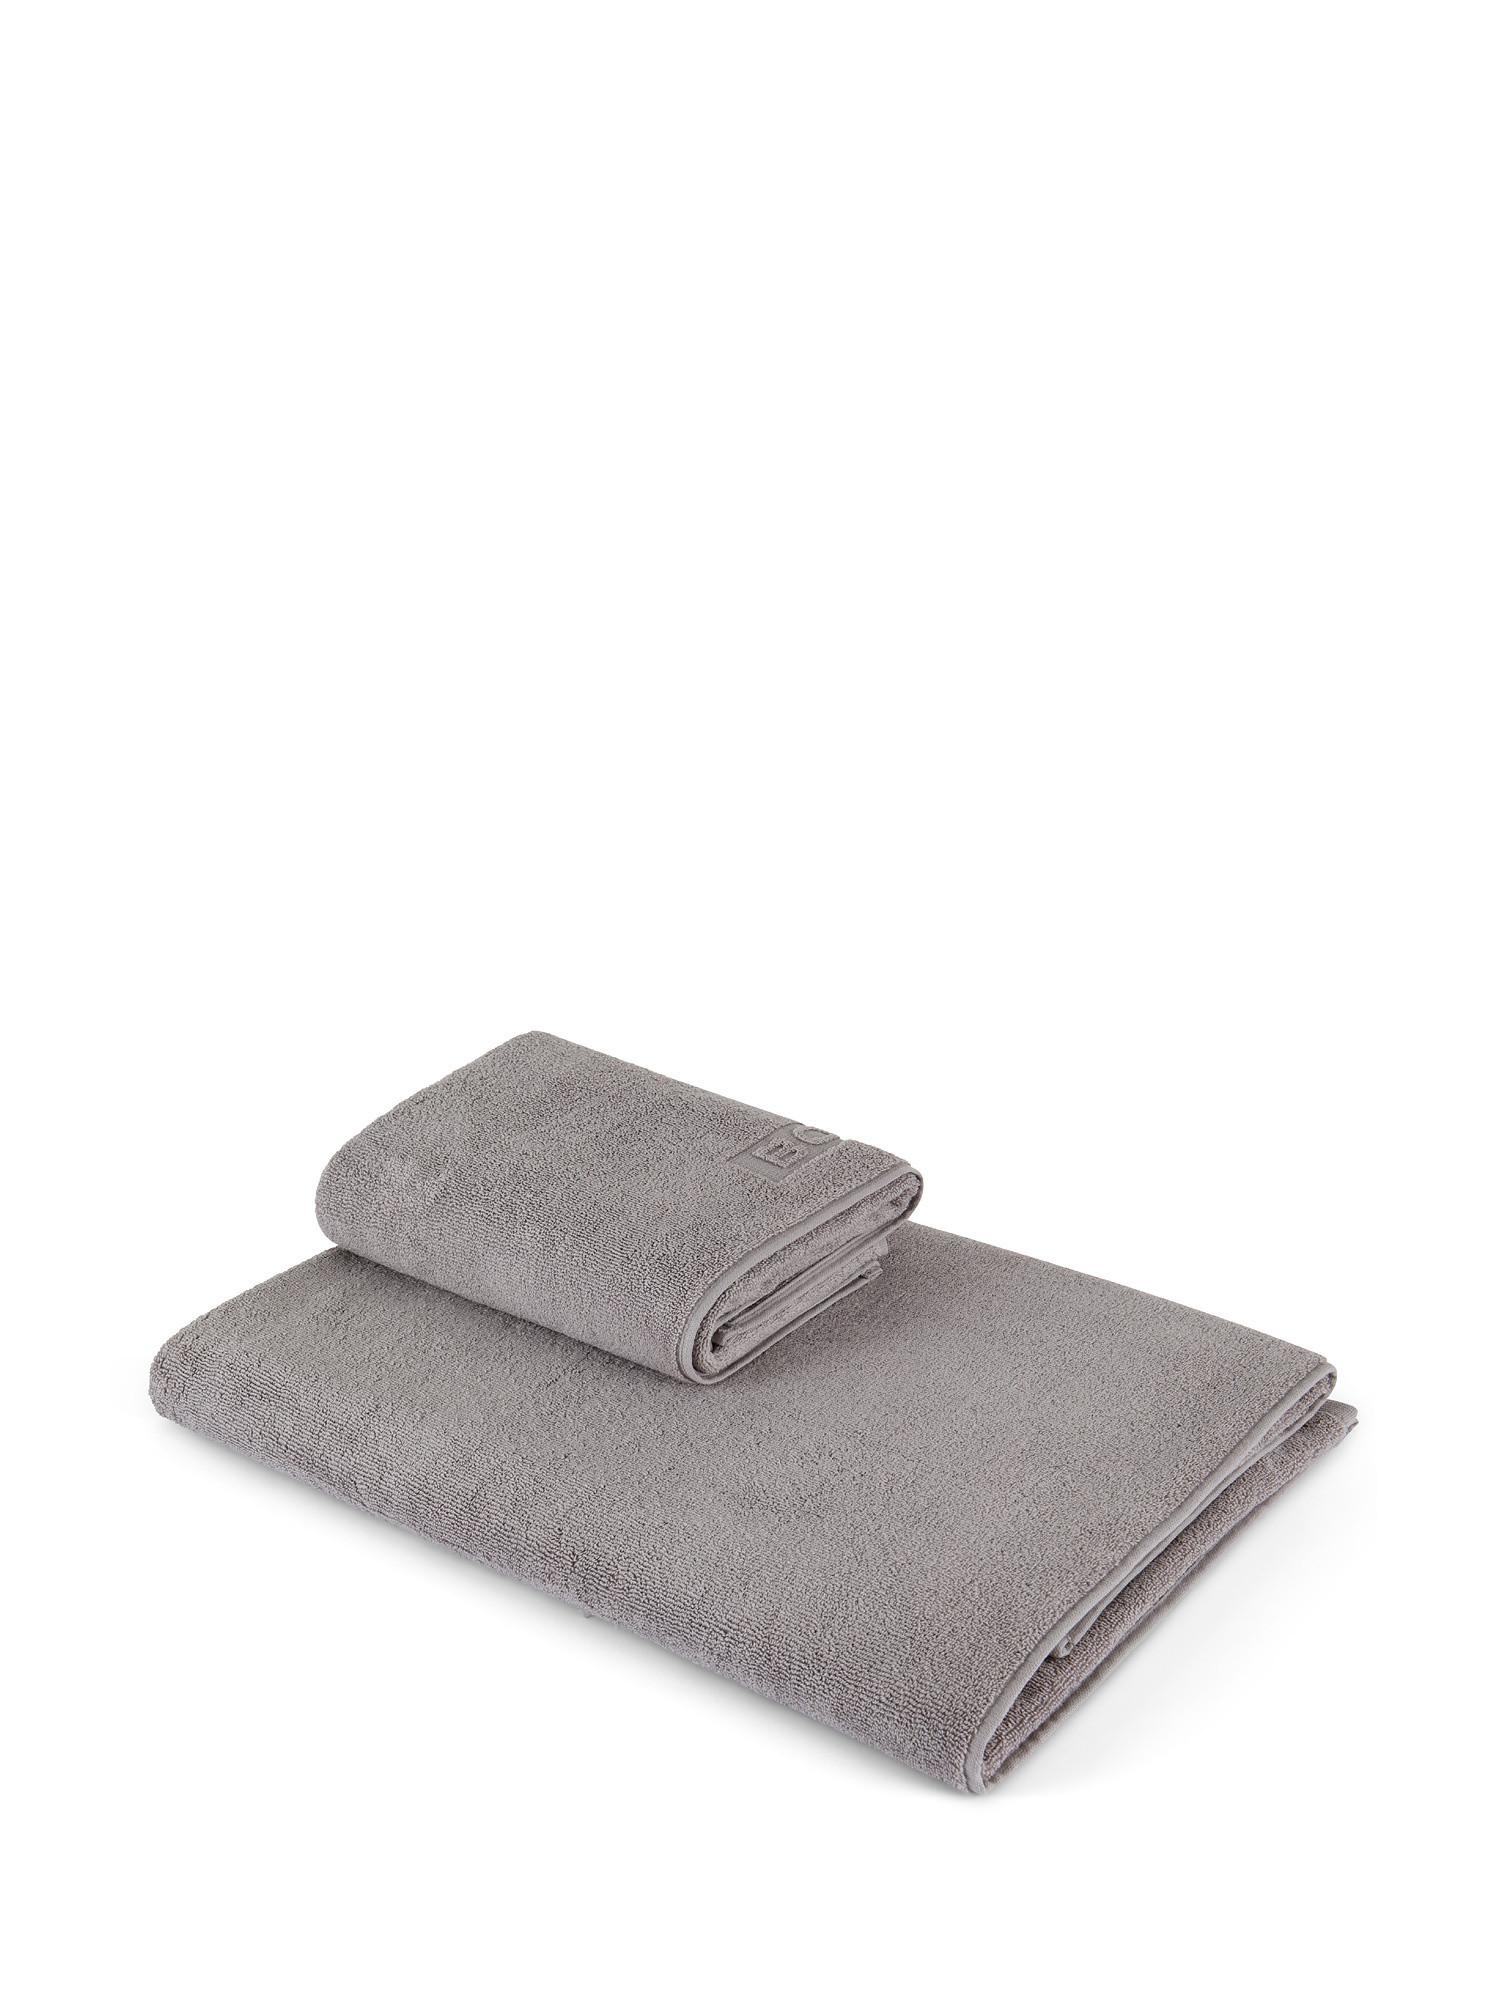 Asciugamano capelli spugna di cotone tinta unita, Grigio, large image number 0